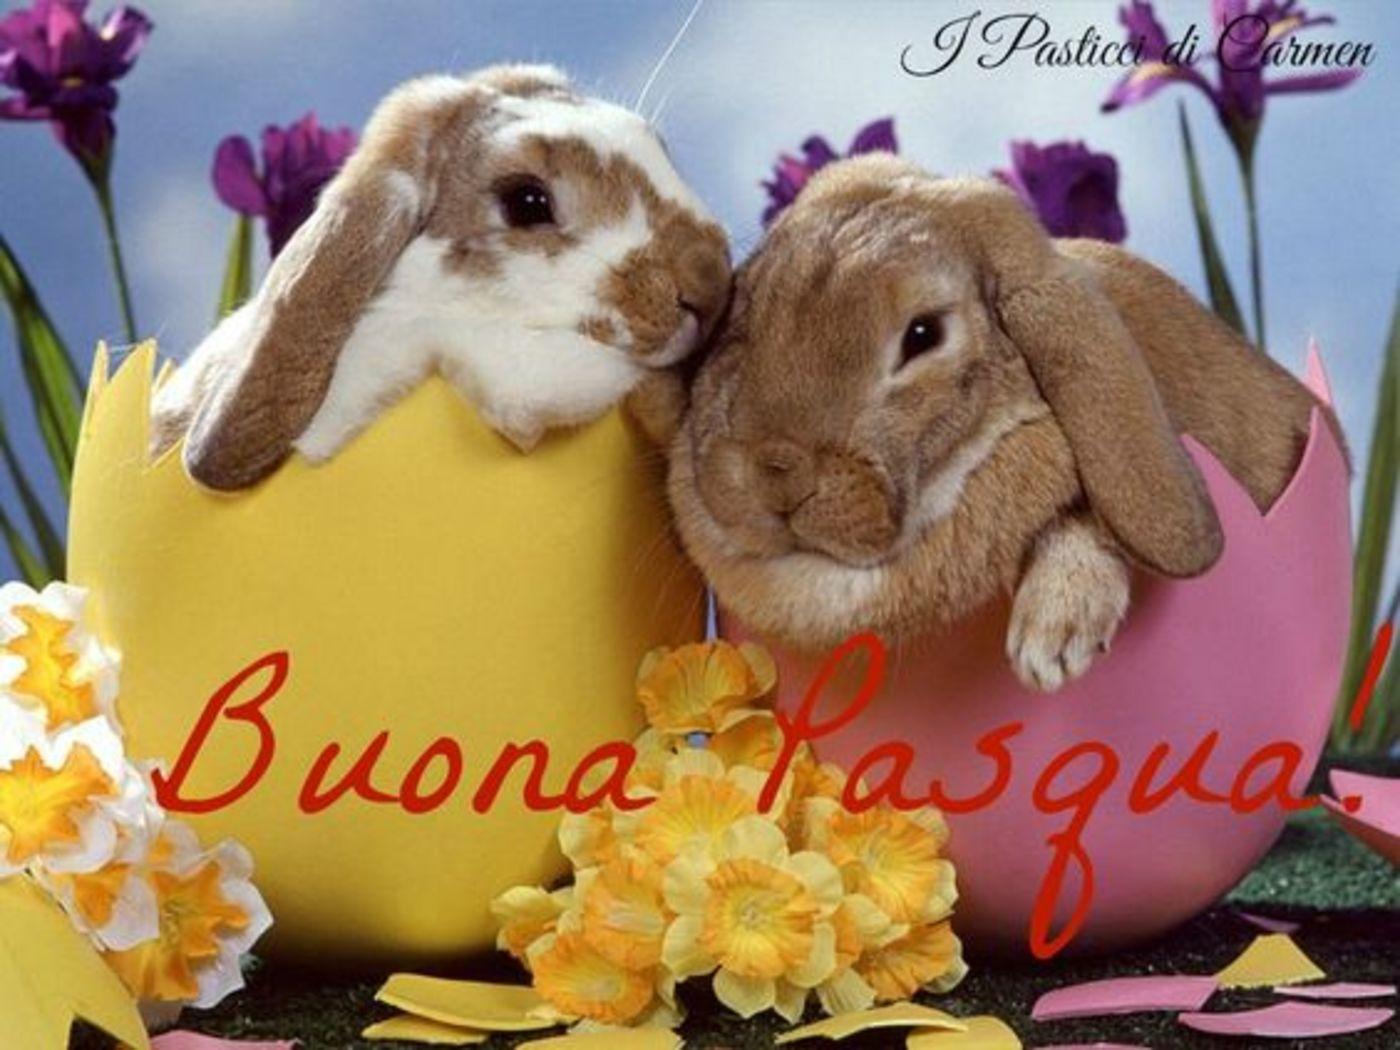 Buona Pasqua immagini 2019